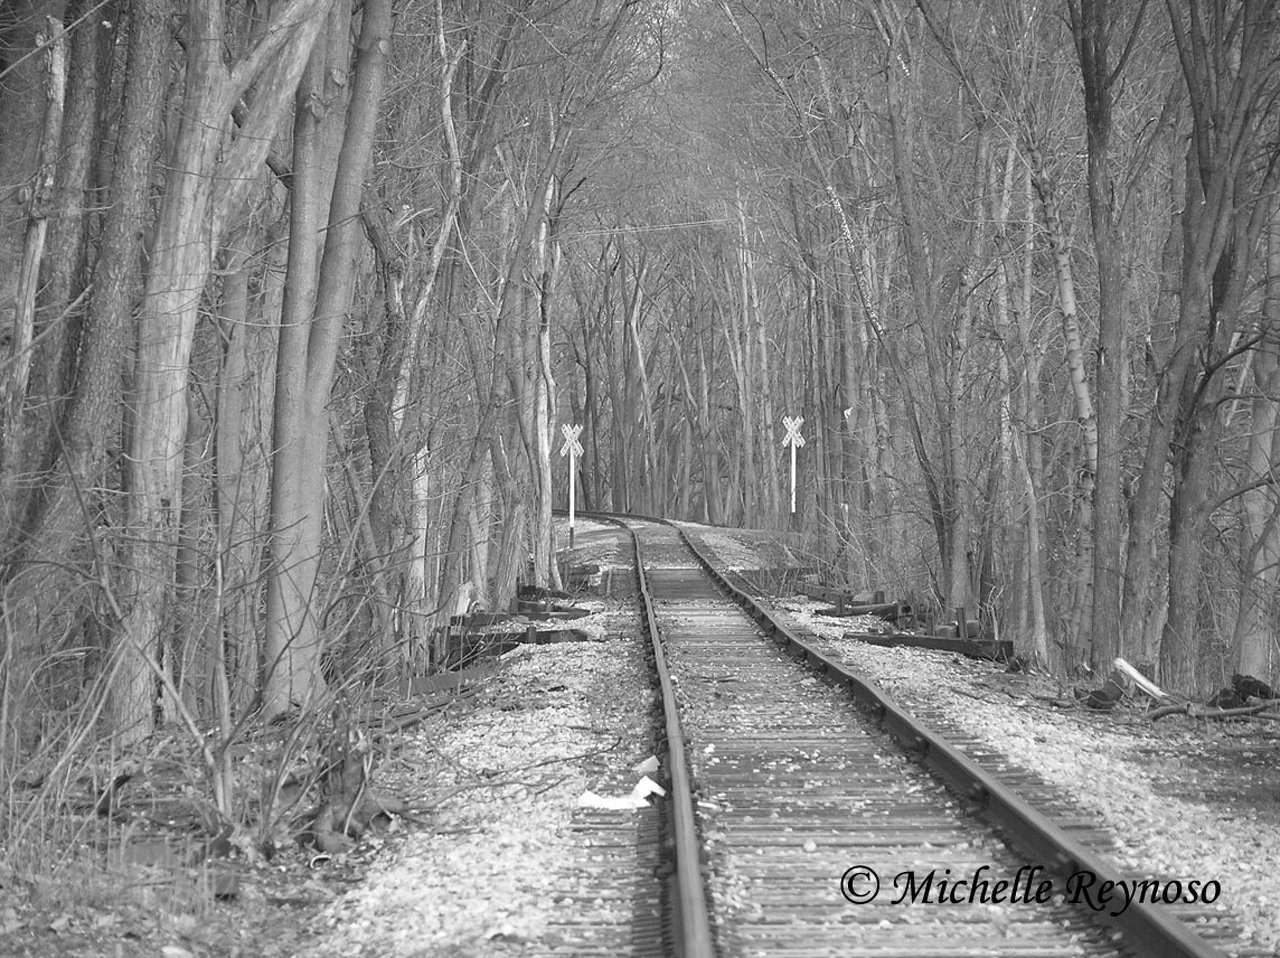 Black & White Railroad Tracks